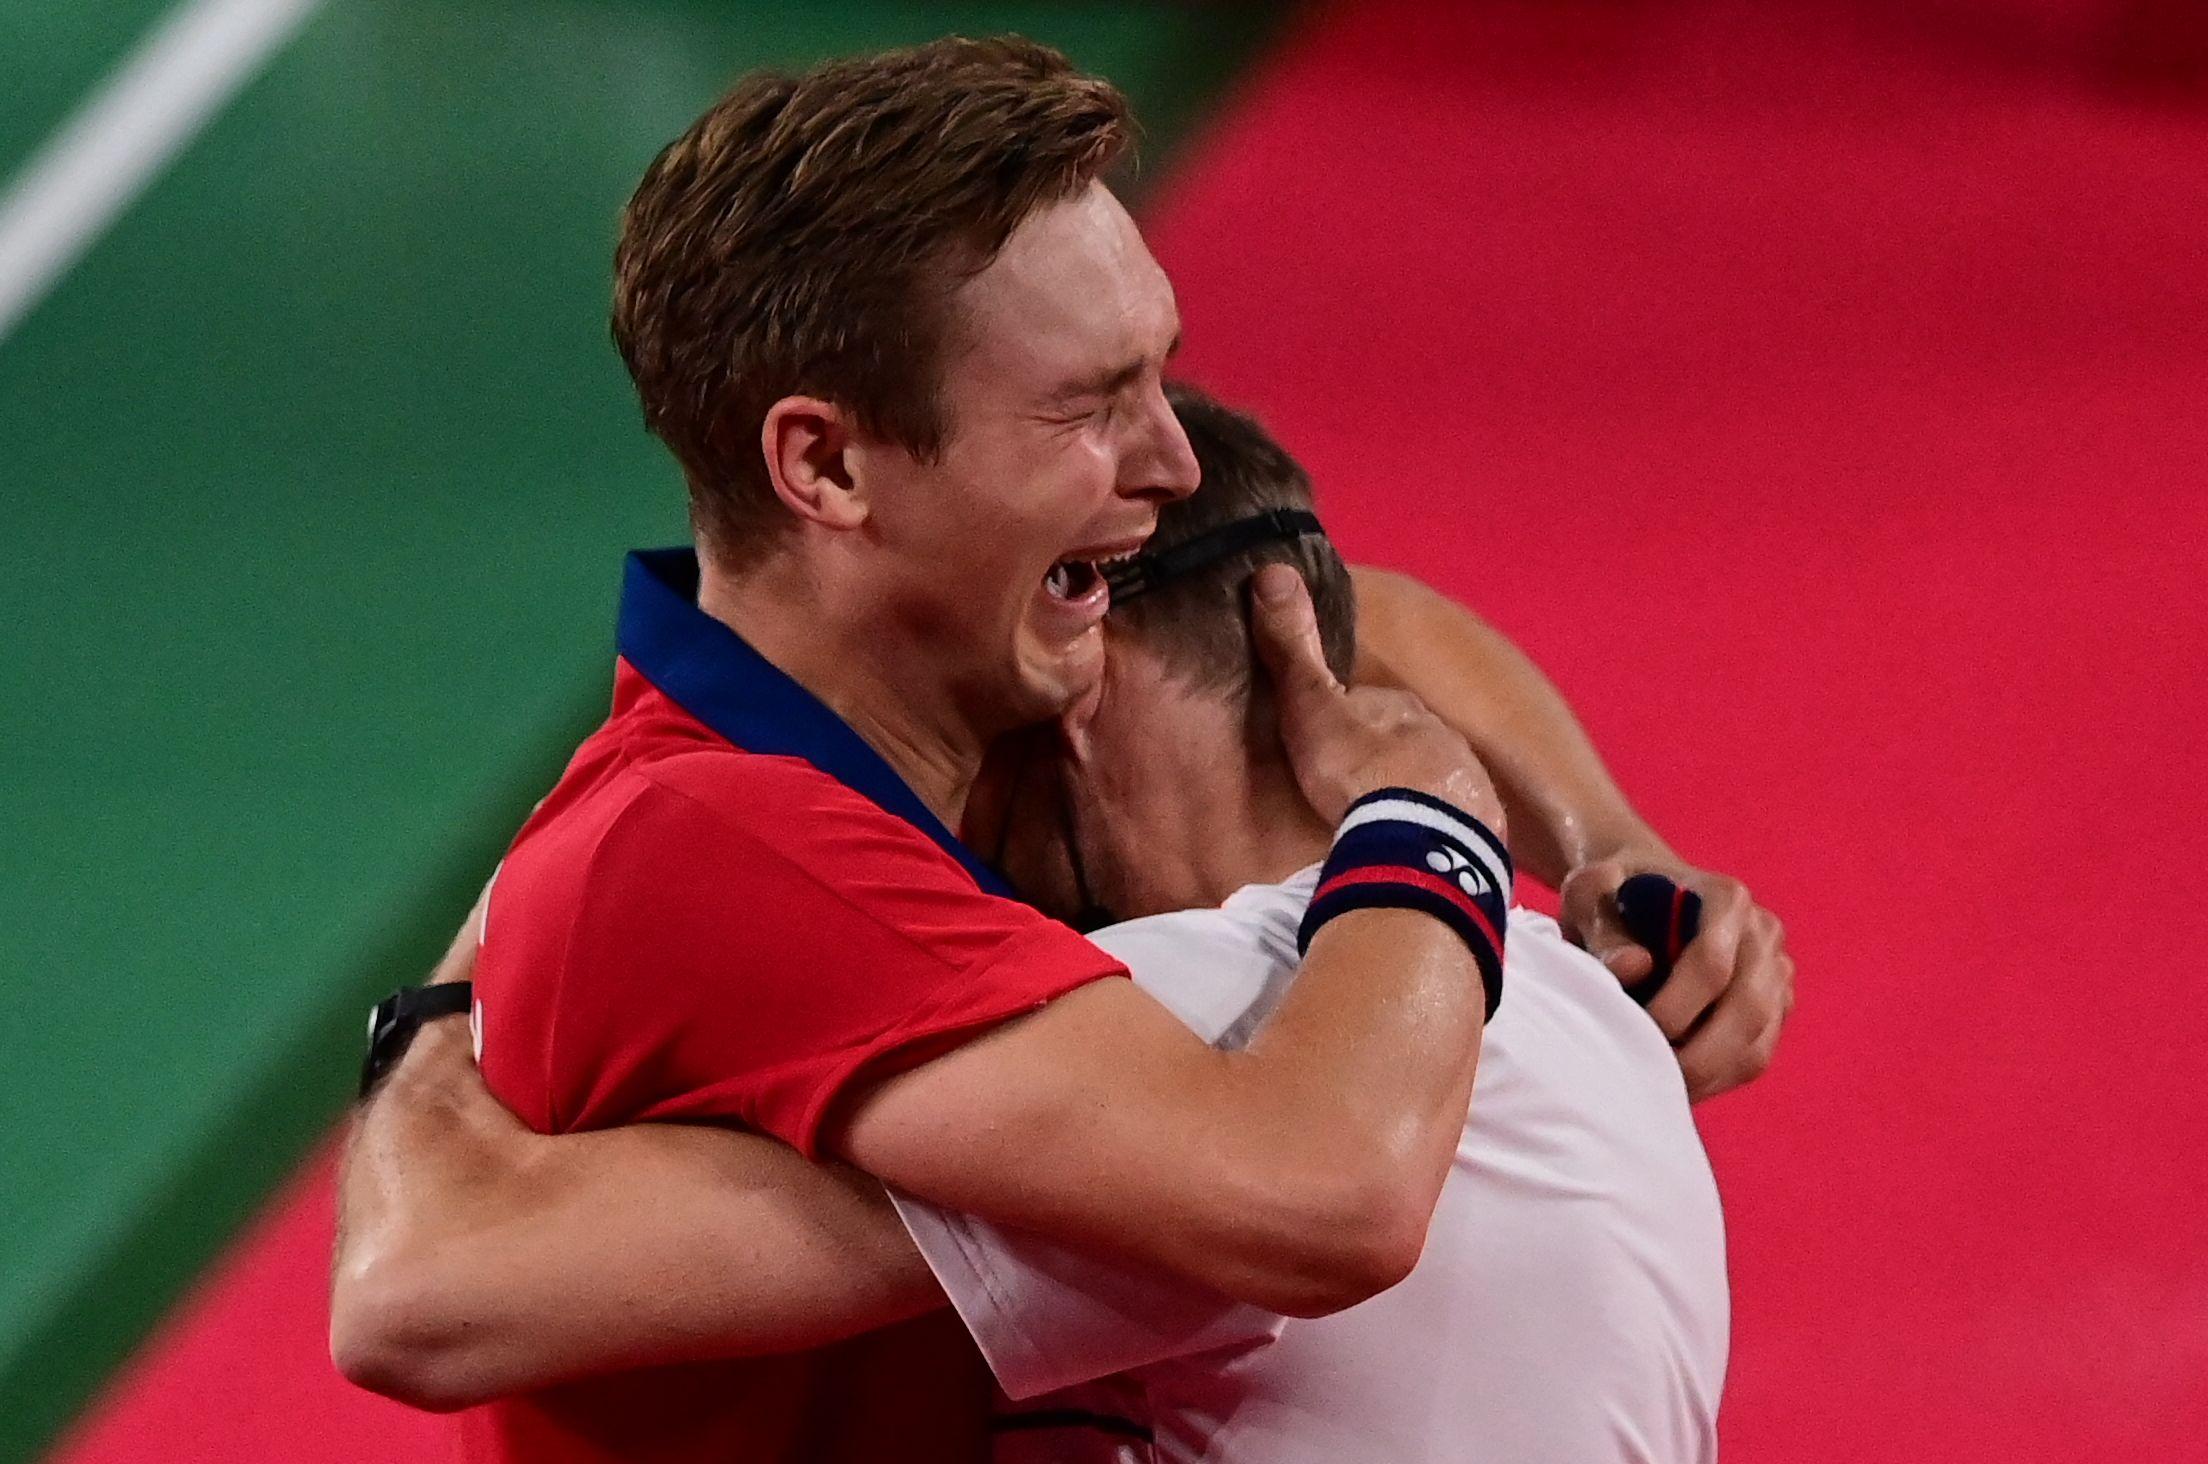 安赛龙拥抱教练。